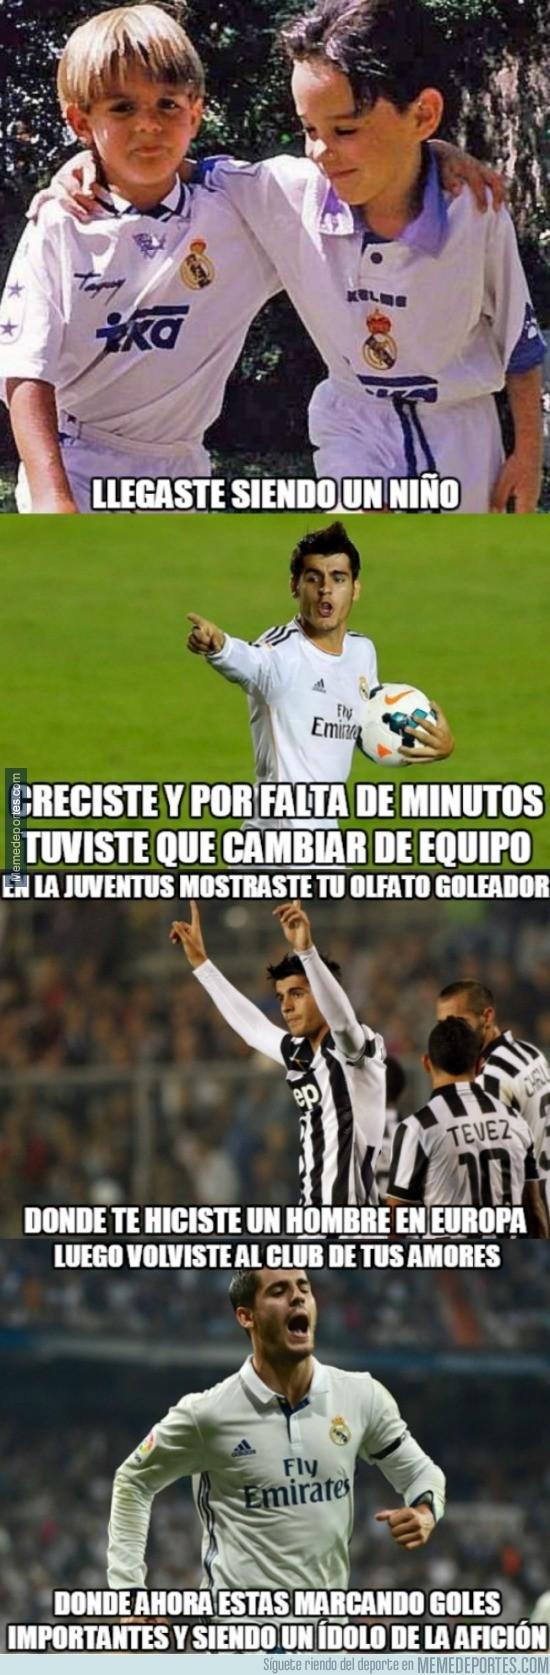 920663 - Morata, el nuevo ídolo del Real Madrid